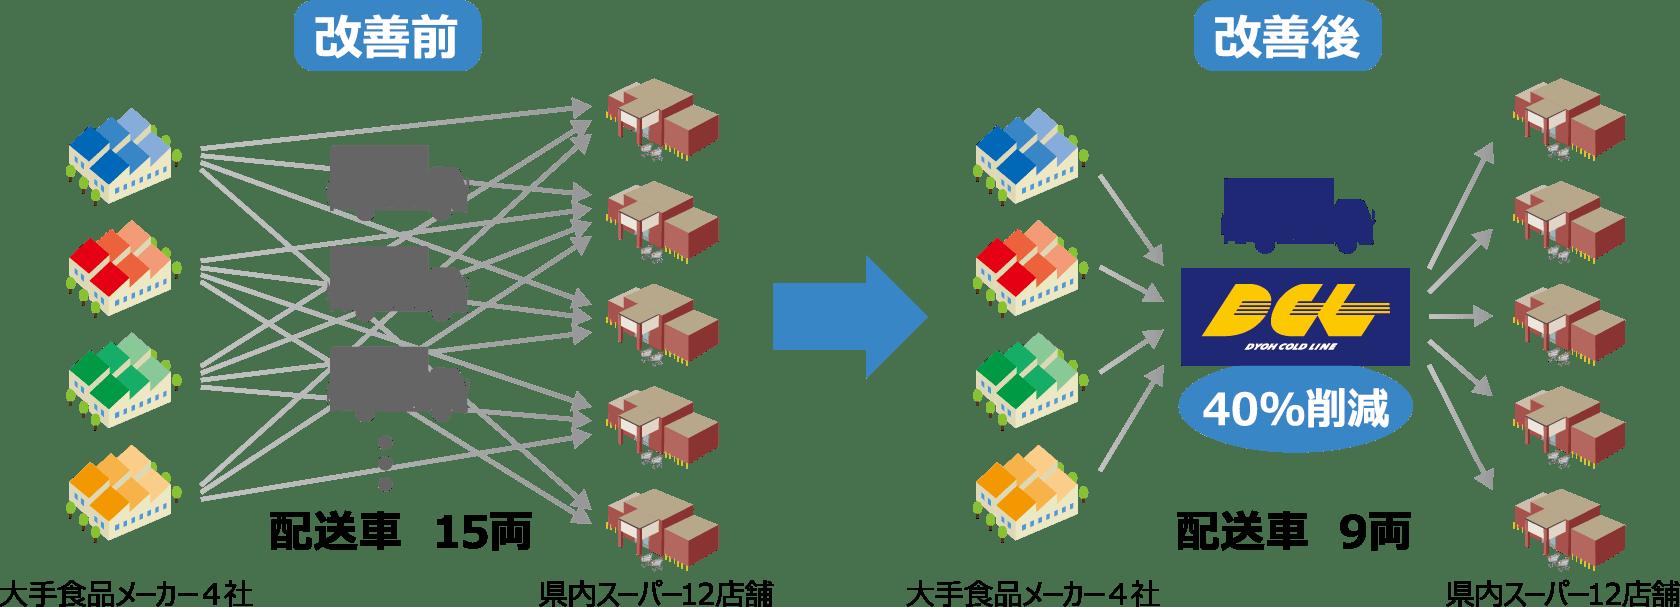 ルートサービス共同配送システム